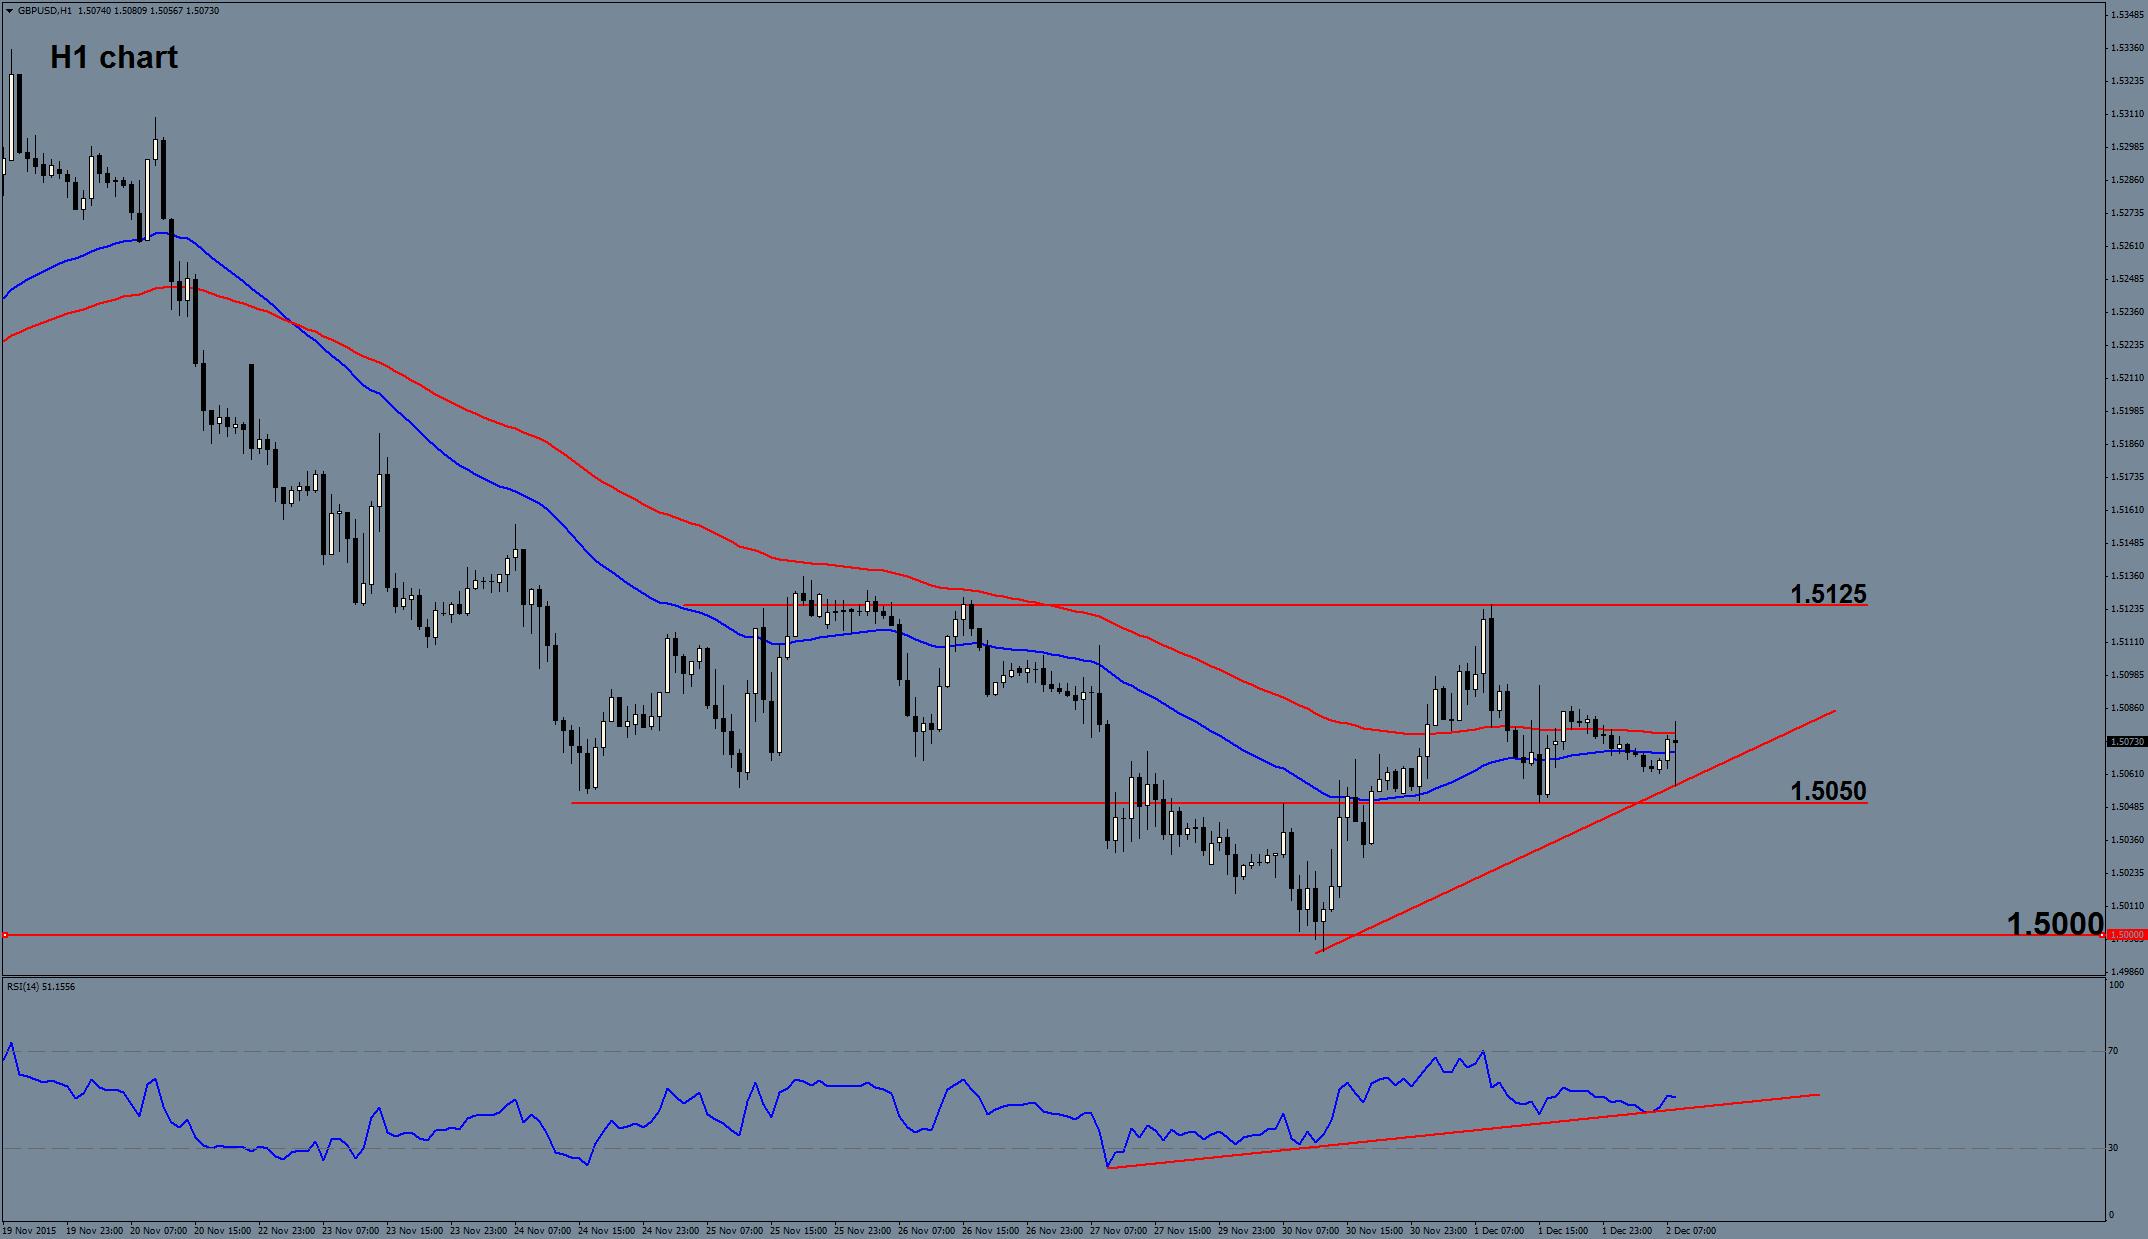 GBP/USD Forecast 02 Dec 2015